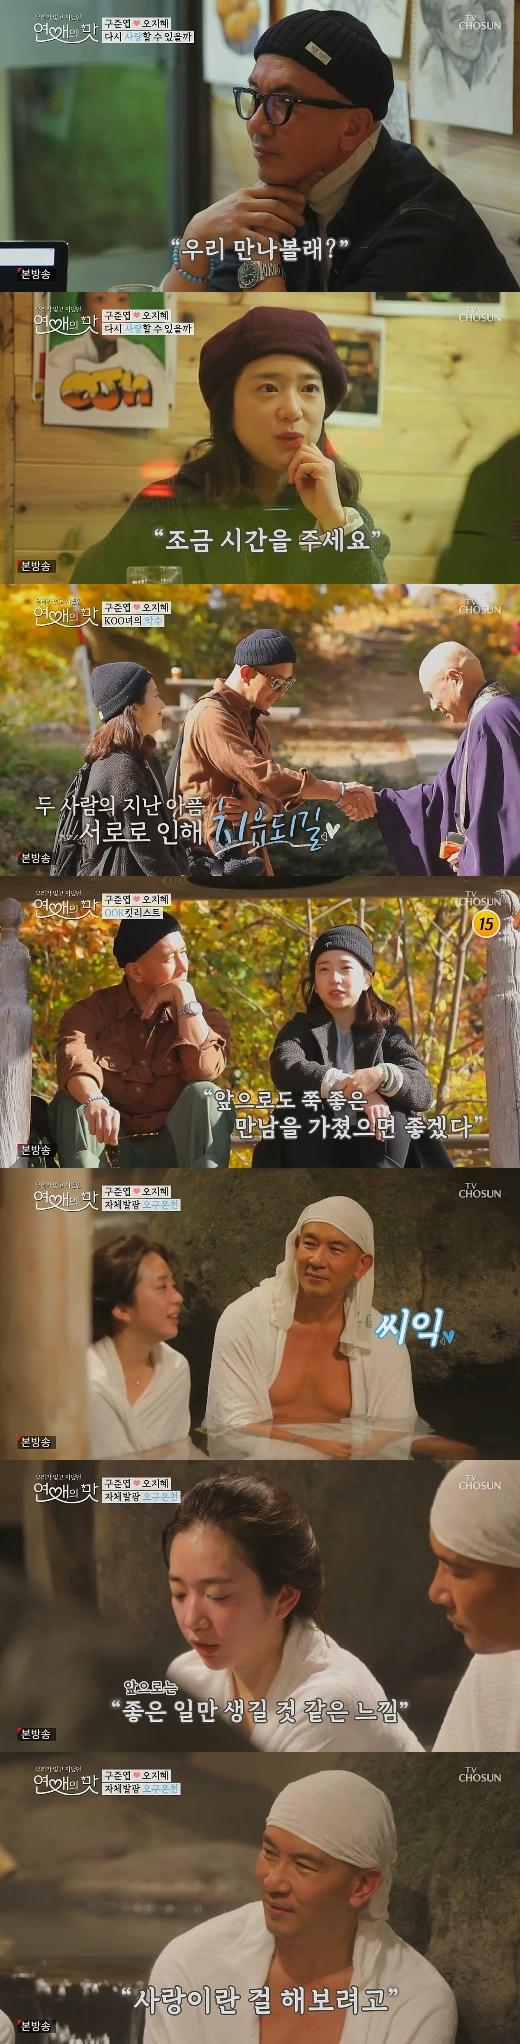 '연애의맛' 구준엽♥오지혜, 엇갈린 고백→새 커플 탄생 [MD픽]